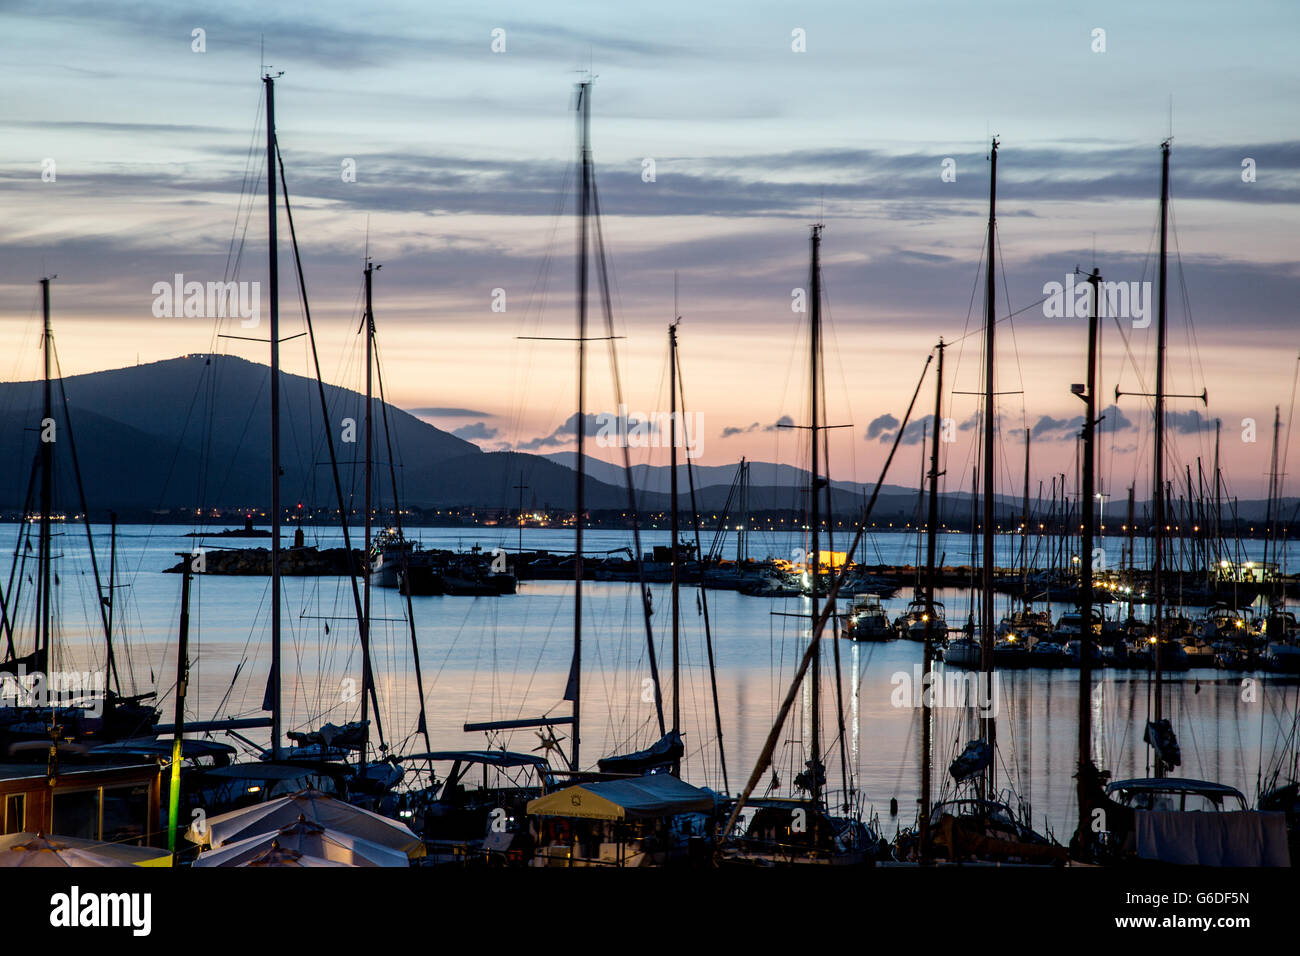 Yachts In The Marina at Night Alghero Sardinia Italy - Stock Image